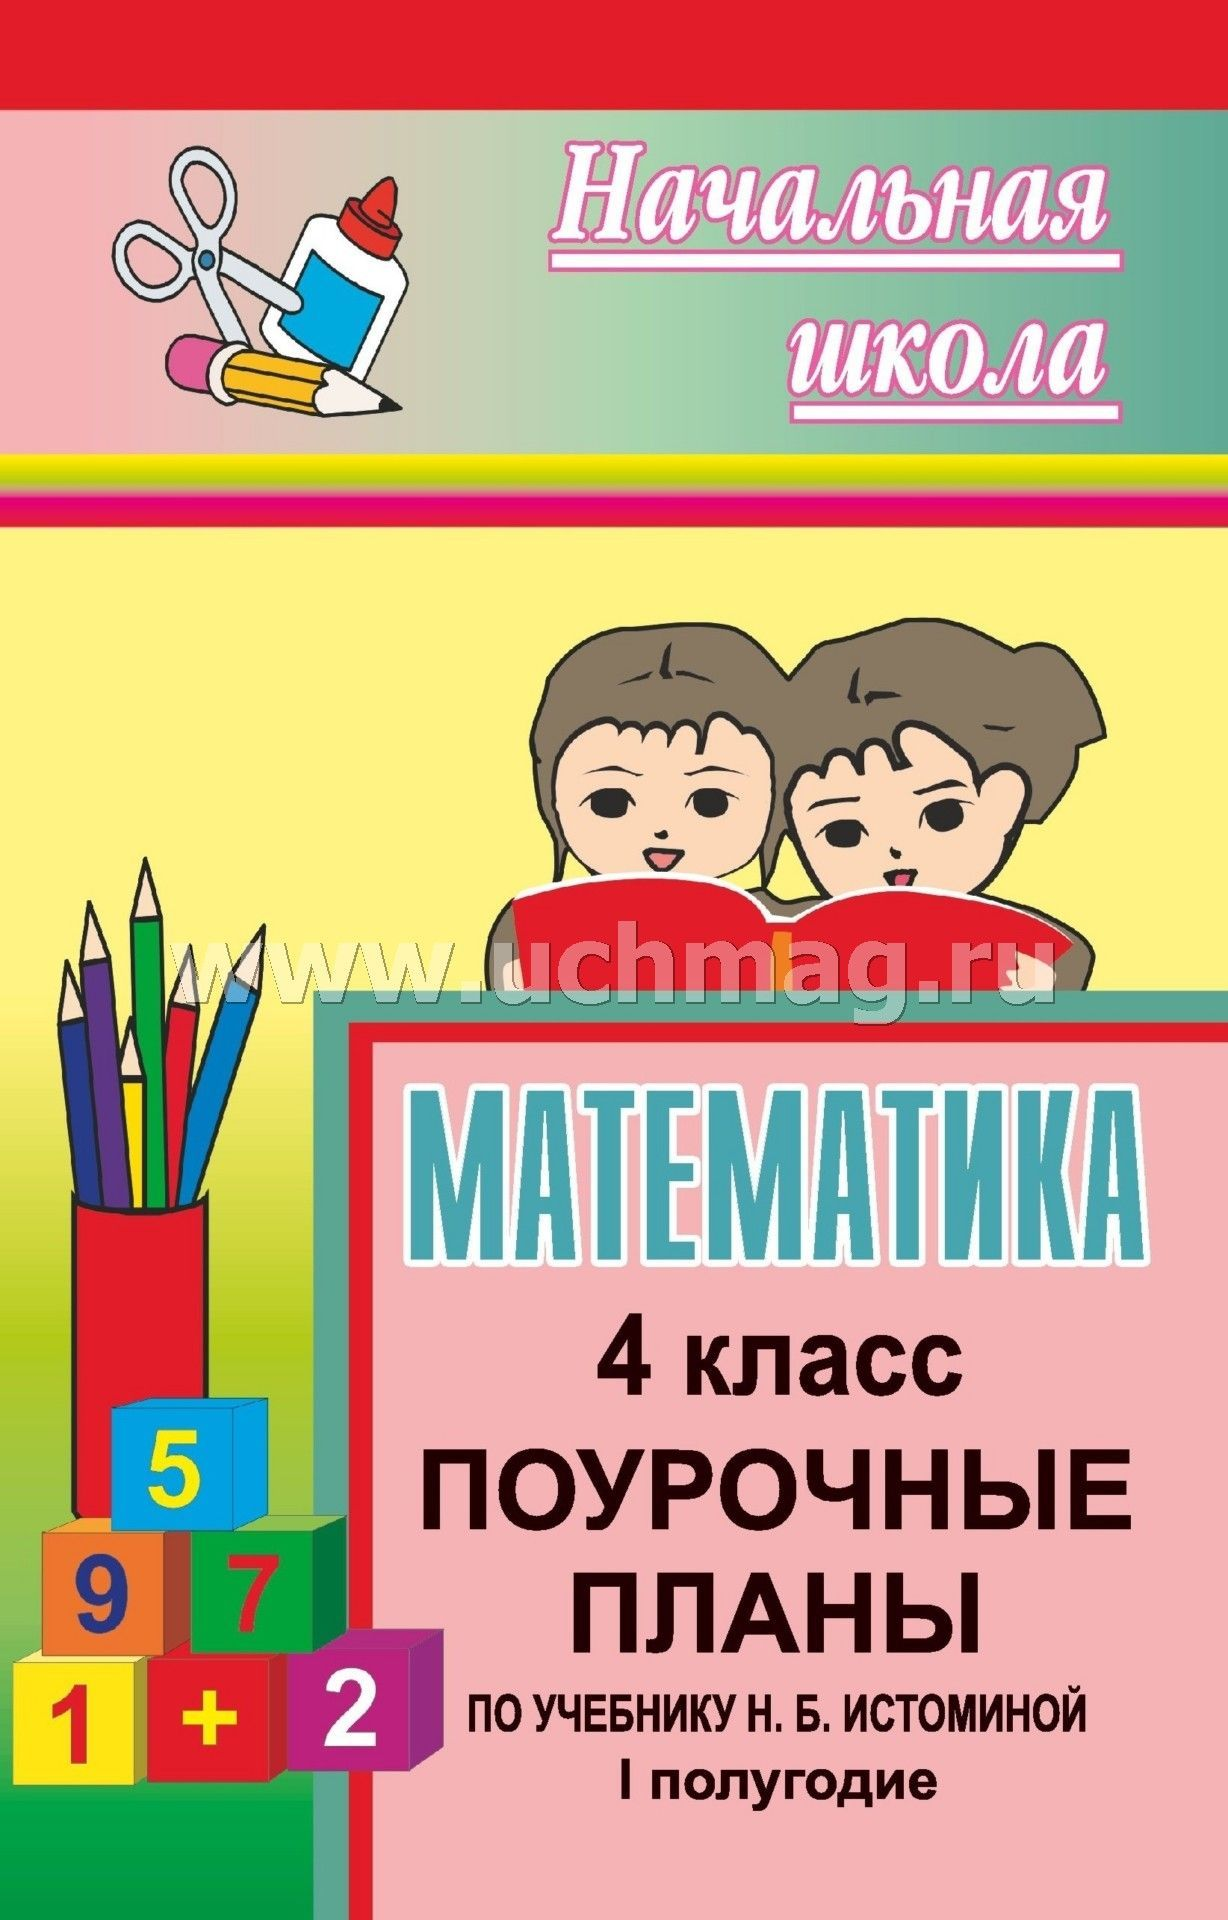 Решебник к рабочей тетради экономической и социальной географии украины сиротенко 9 класс онлайн